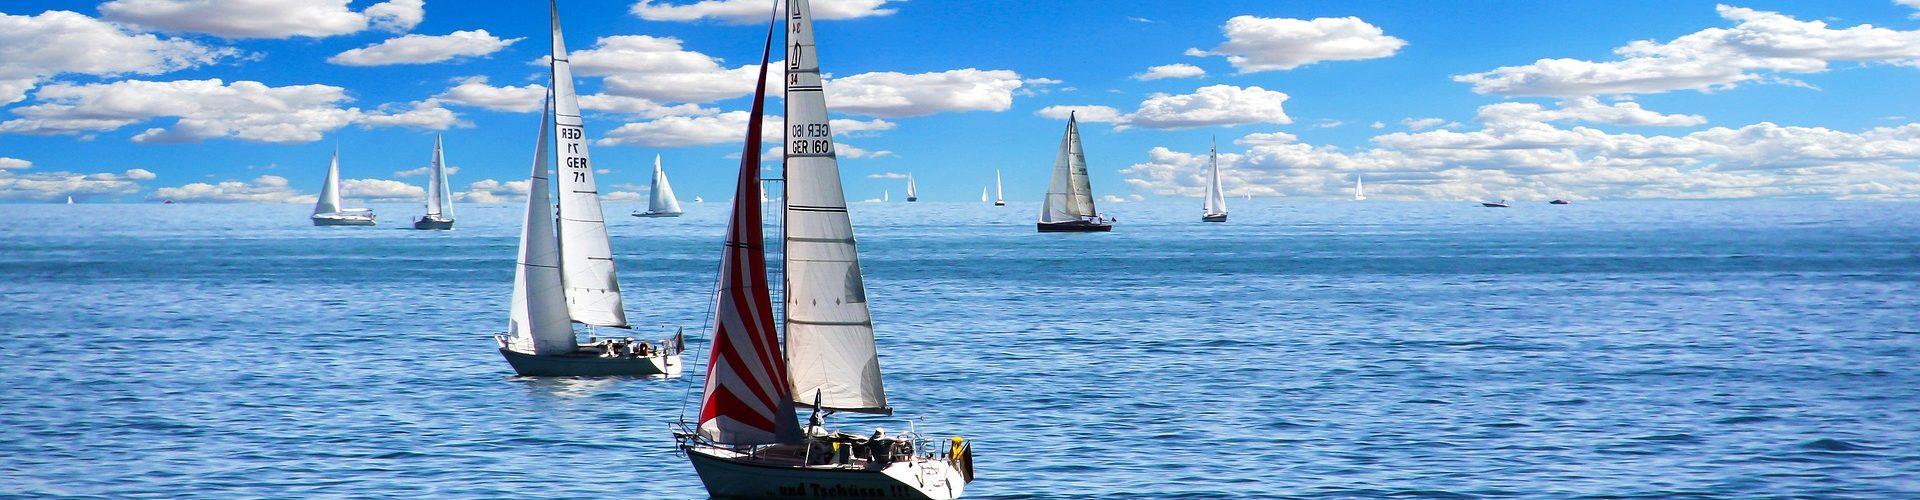 segeln lernen in Bistensee segelschein machen in Bistensee 1920x500 - Segeln lernen in Bistensee